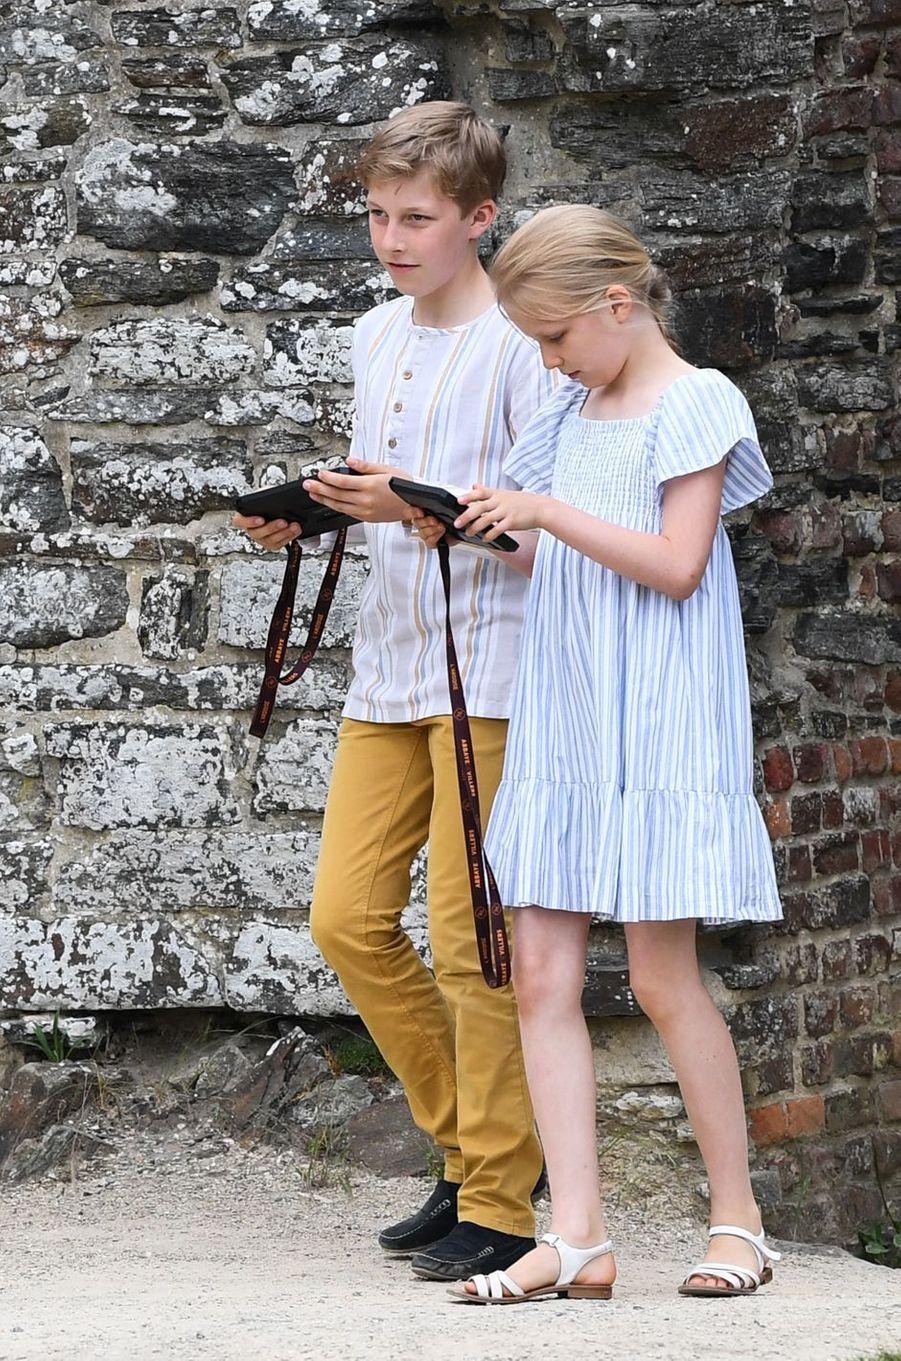 Le prince Emmanuel et la princesse Eléonore de Belgique à Villers-la-Ville, le 24 juin 2018